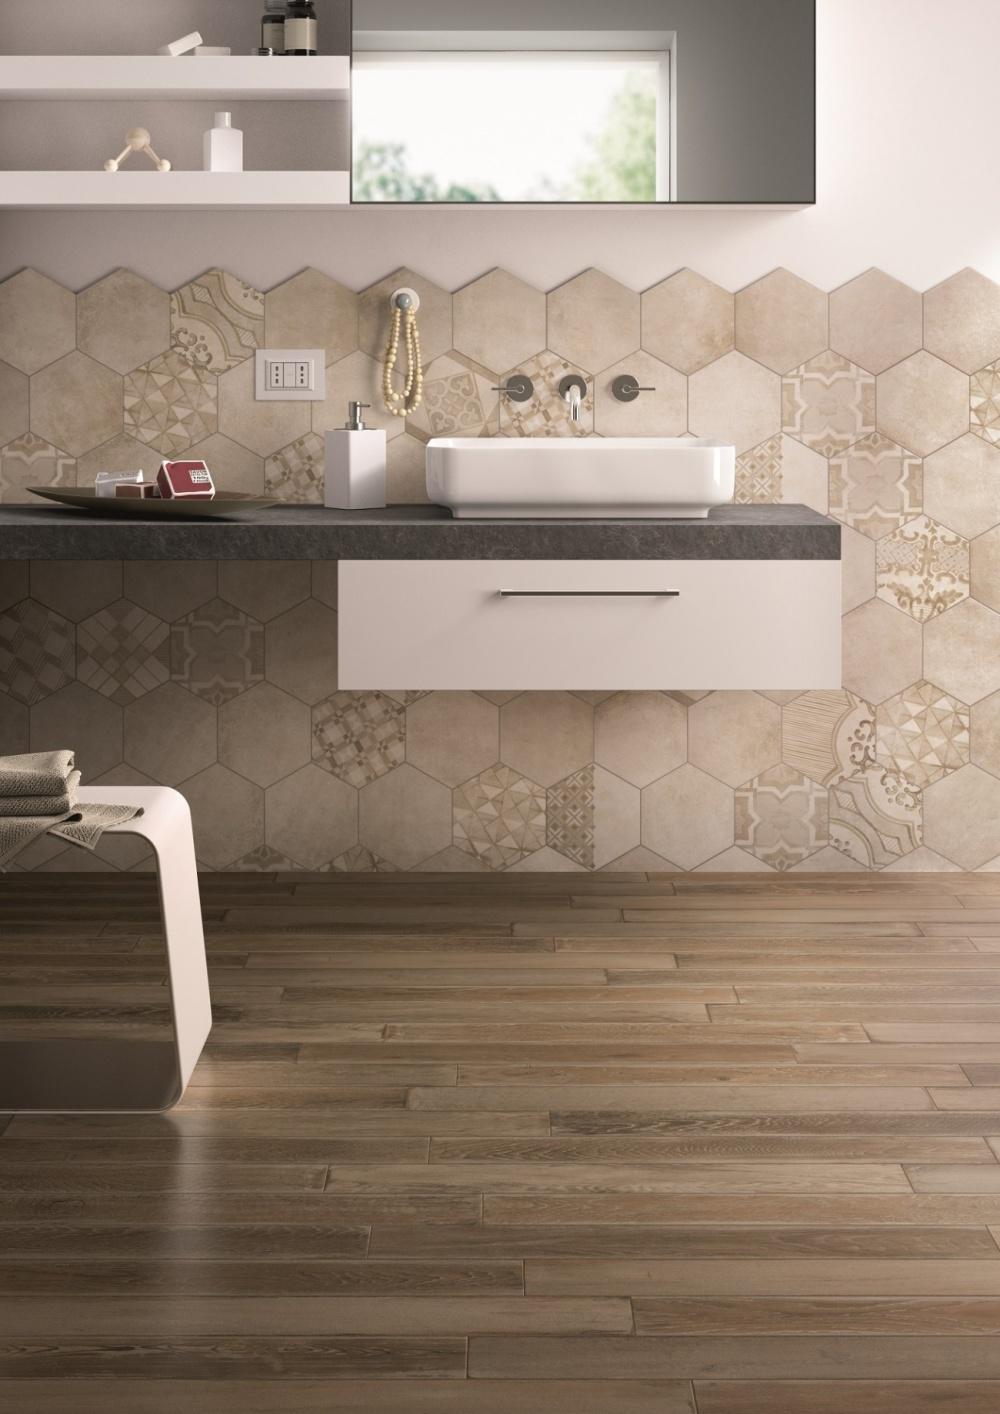 Badrum som går i beige toner. På väggen finns en badrumsmöbel och ett handfat. På golvet ligger en mörk träklinker.